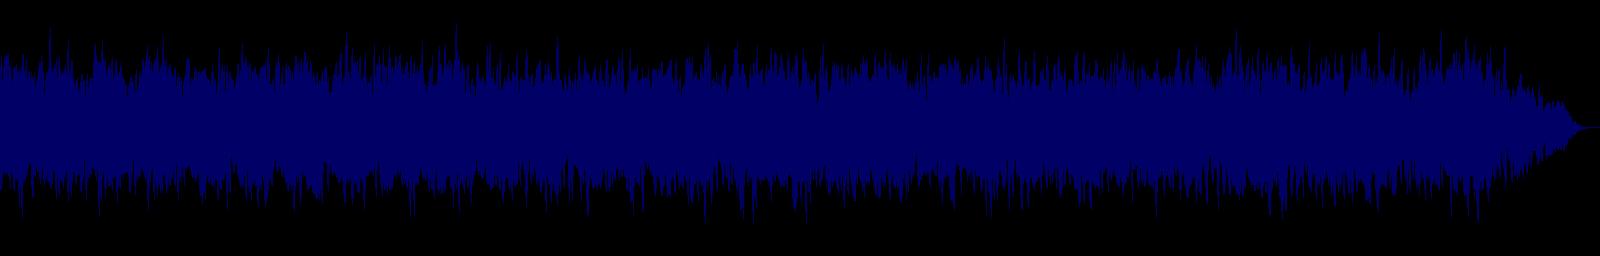 waveform of track #129481